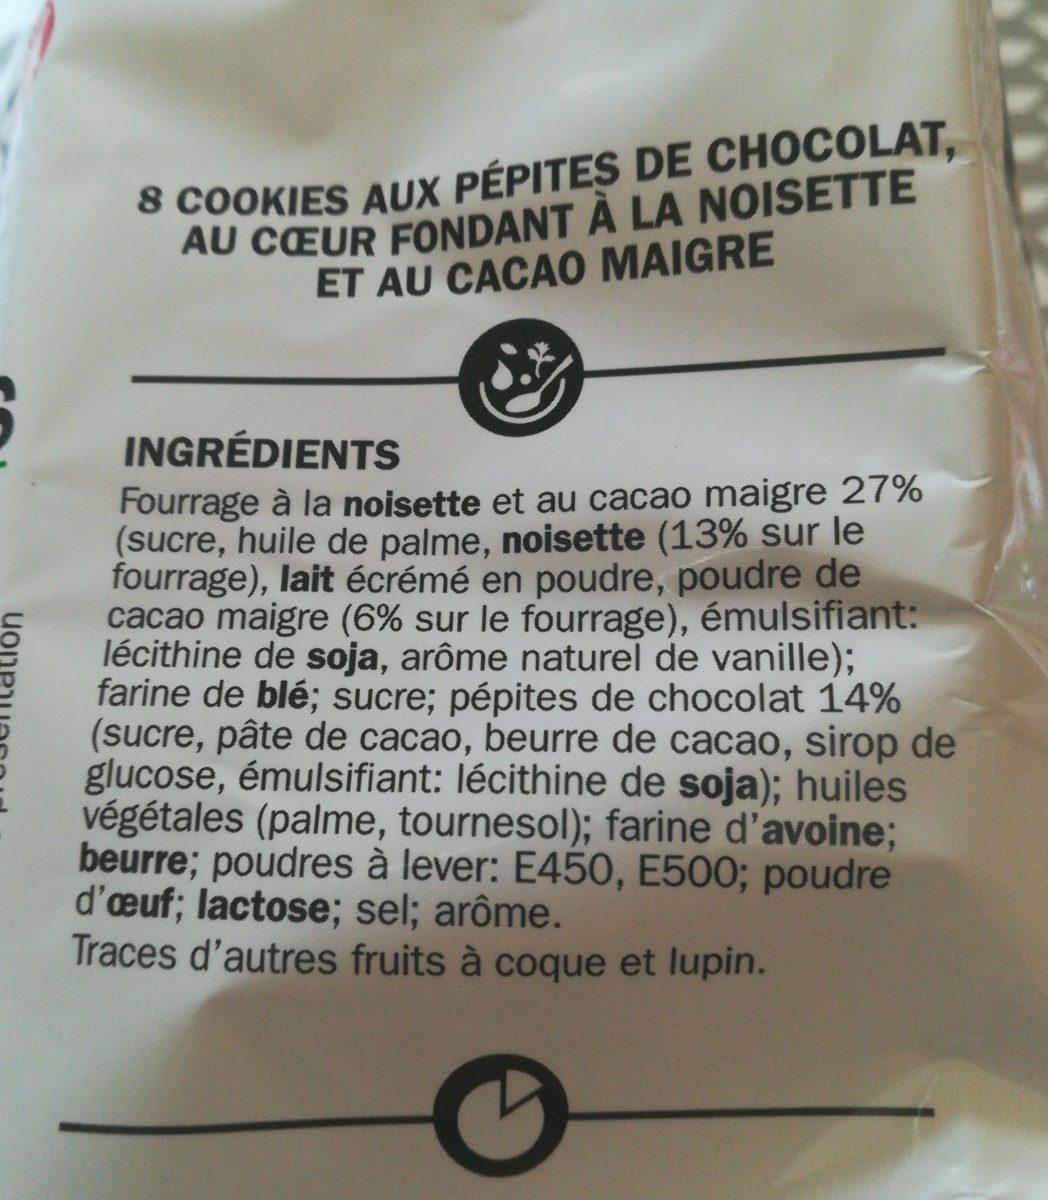 Cookies premium coeur fondant à la noisette - المكونات - fr